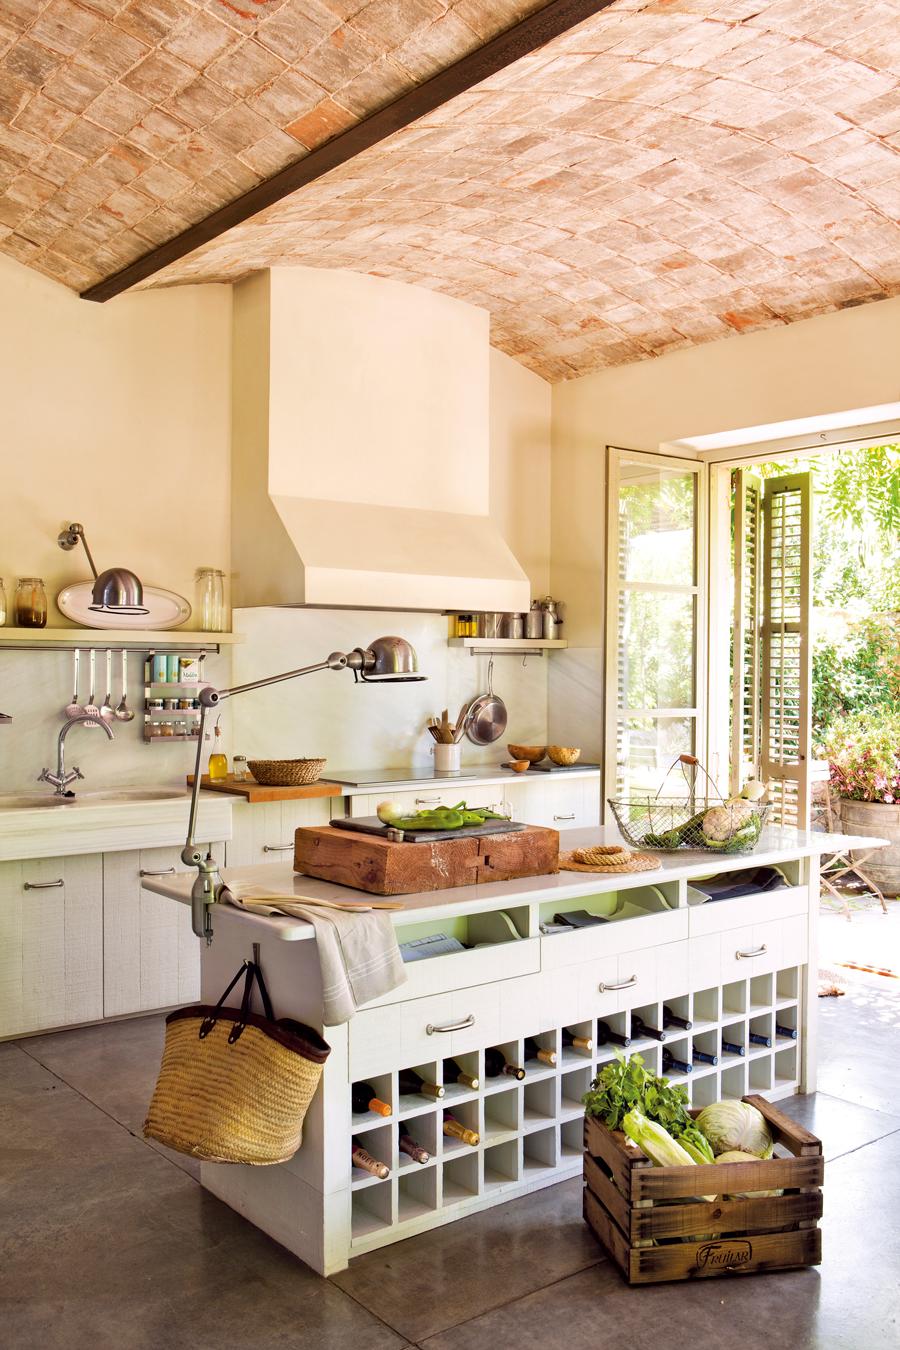 cocina rstica con campana de obra encimera de mrmol isla de madera